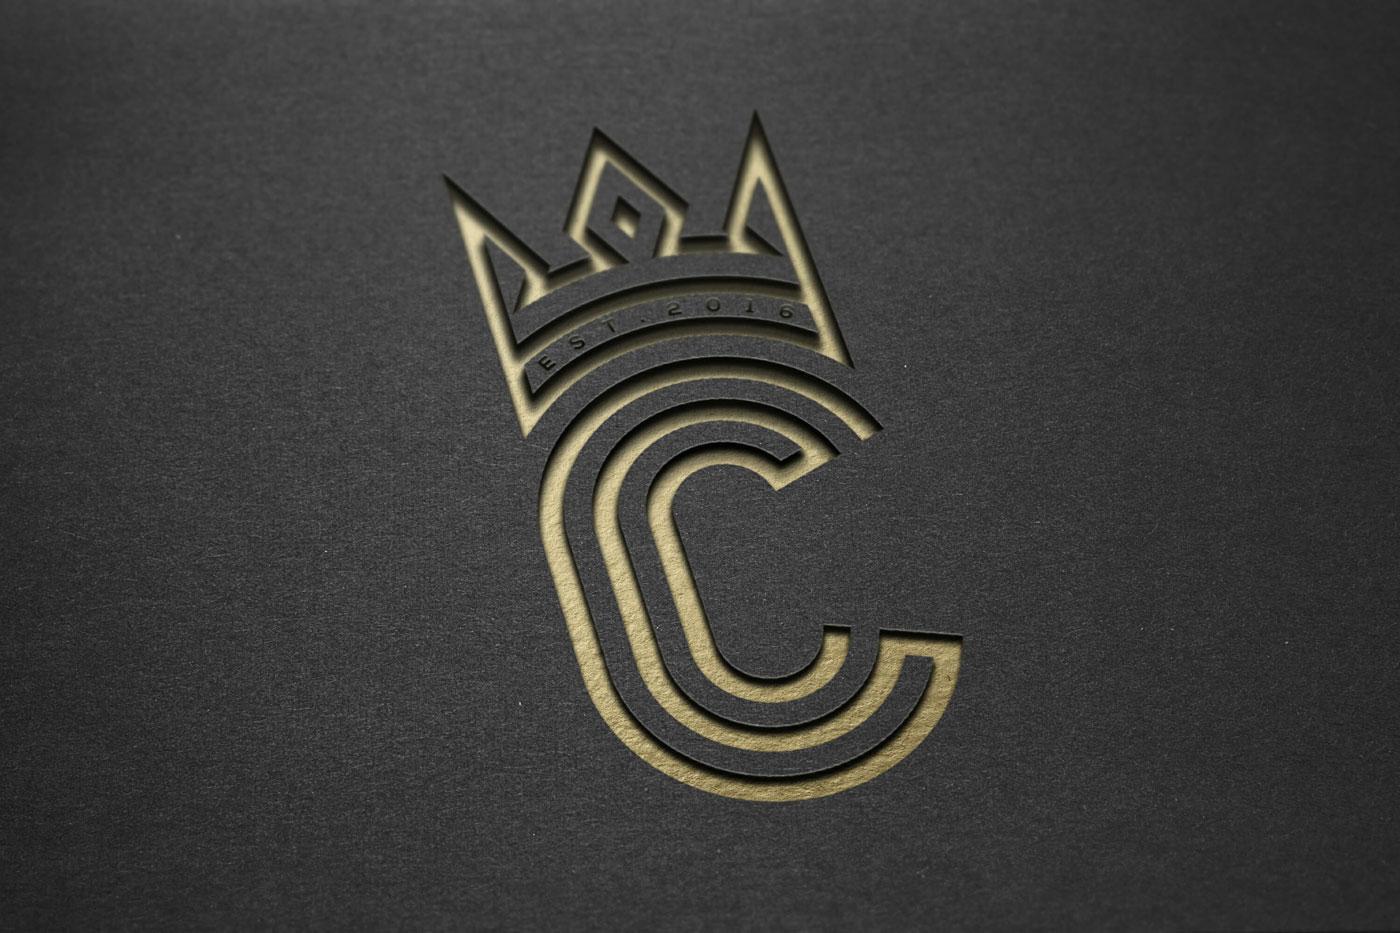 logo-cutout-classified-branding